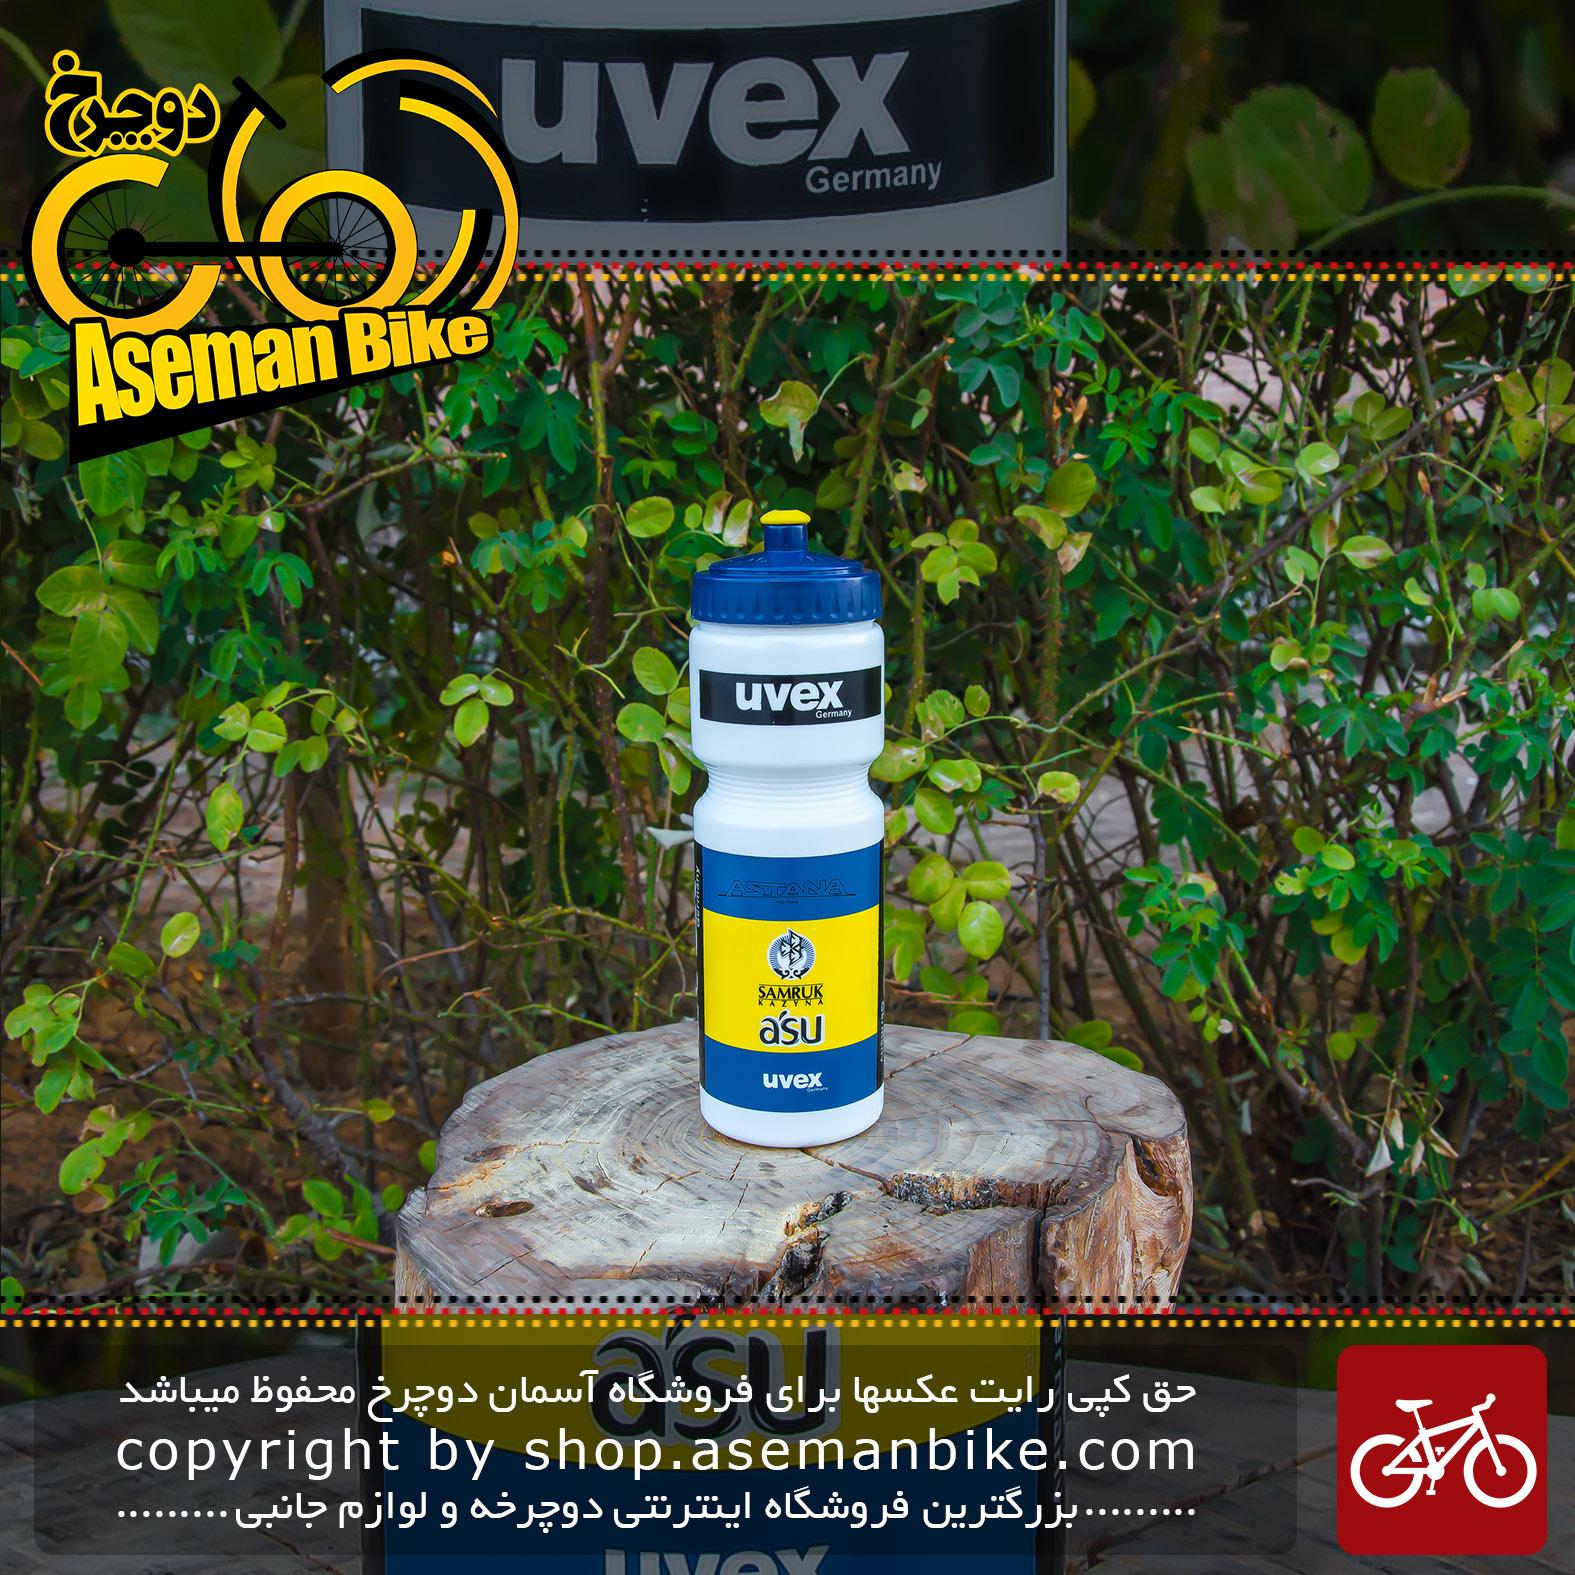 قمقمه تیمی دوچرخه یووکس زرد آبی مدل آتسو 750 سی سی Uvex Astana Asu Team